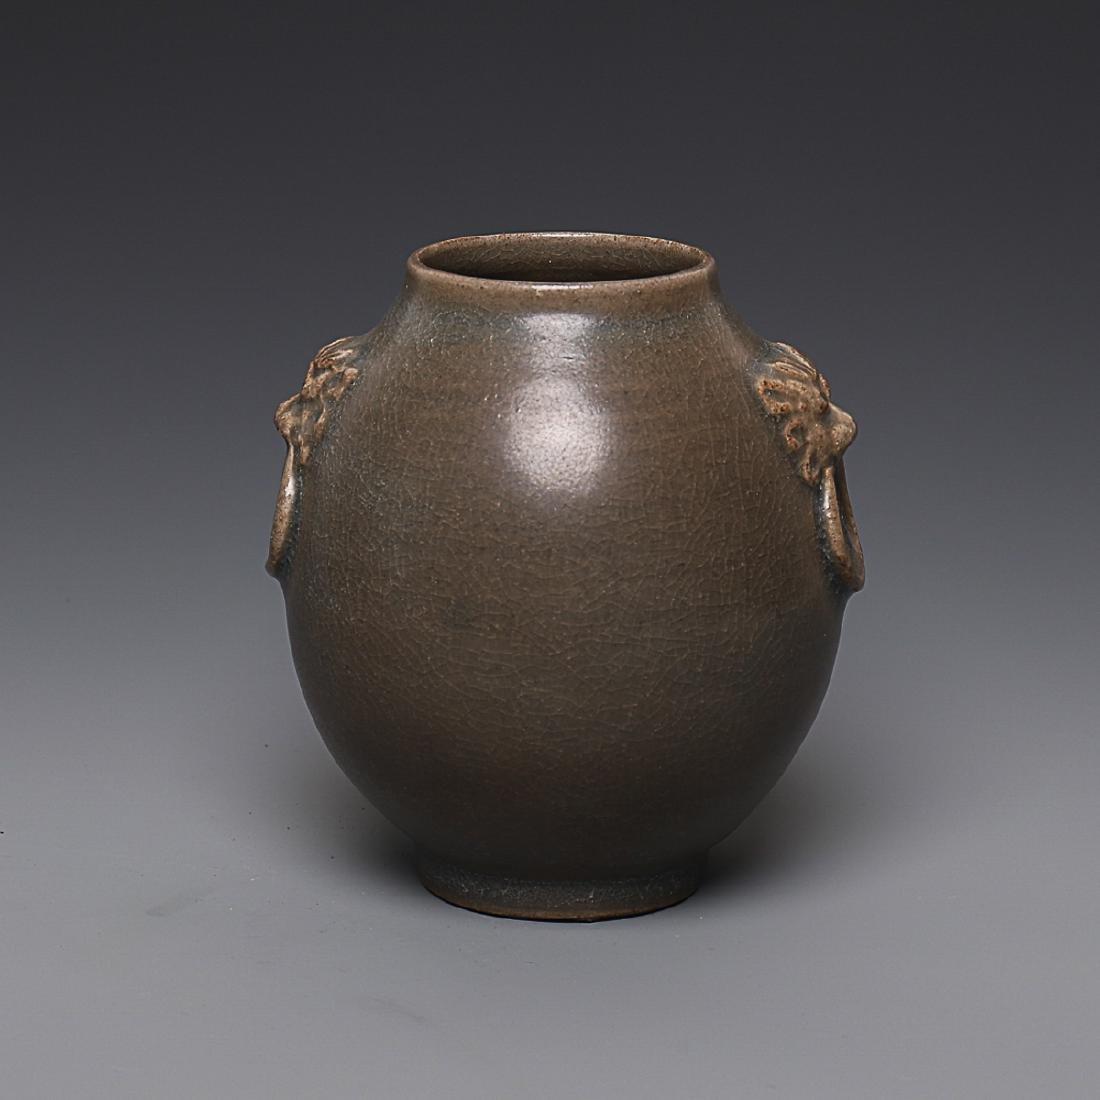 Vintage Chinese Porcelain Jar